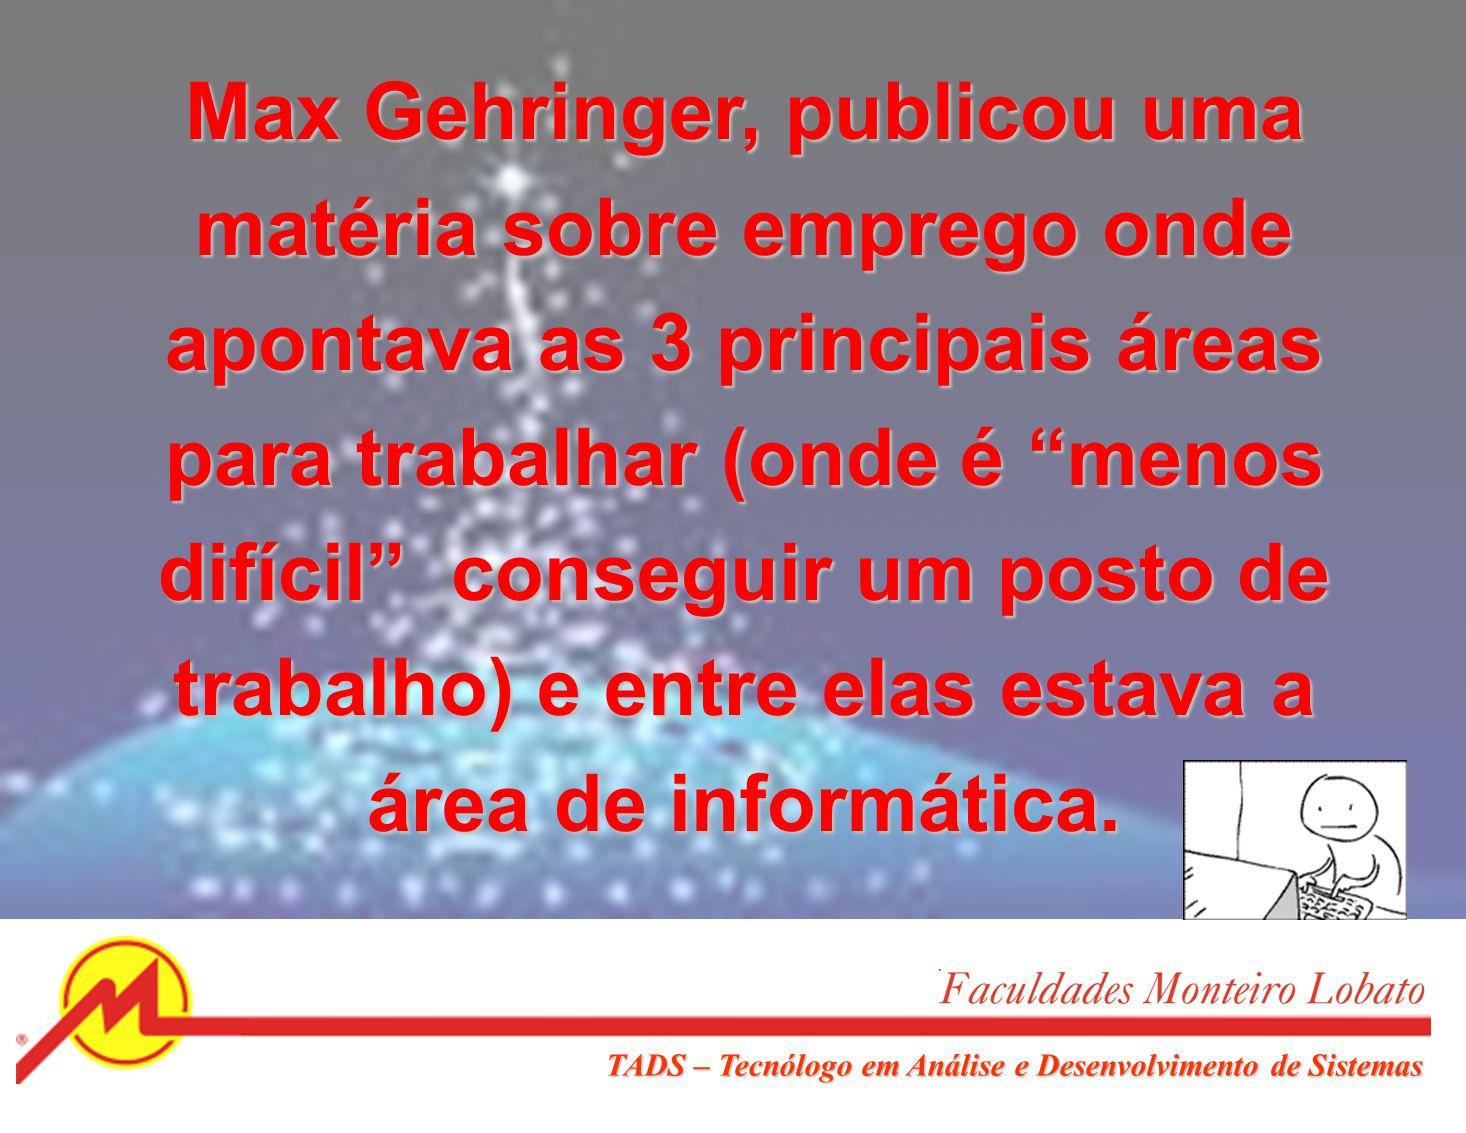 Max Gehringer, publicou uma matéria sobre emprego onde apontava as 3 principais áreas para trabalhar (onde é menos difícil conseguir um posto de trabalho) e entre elas estava a área de informática.